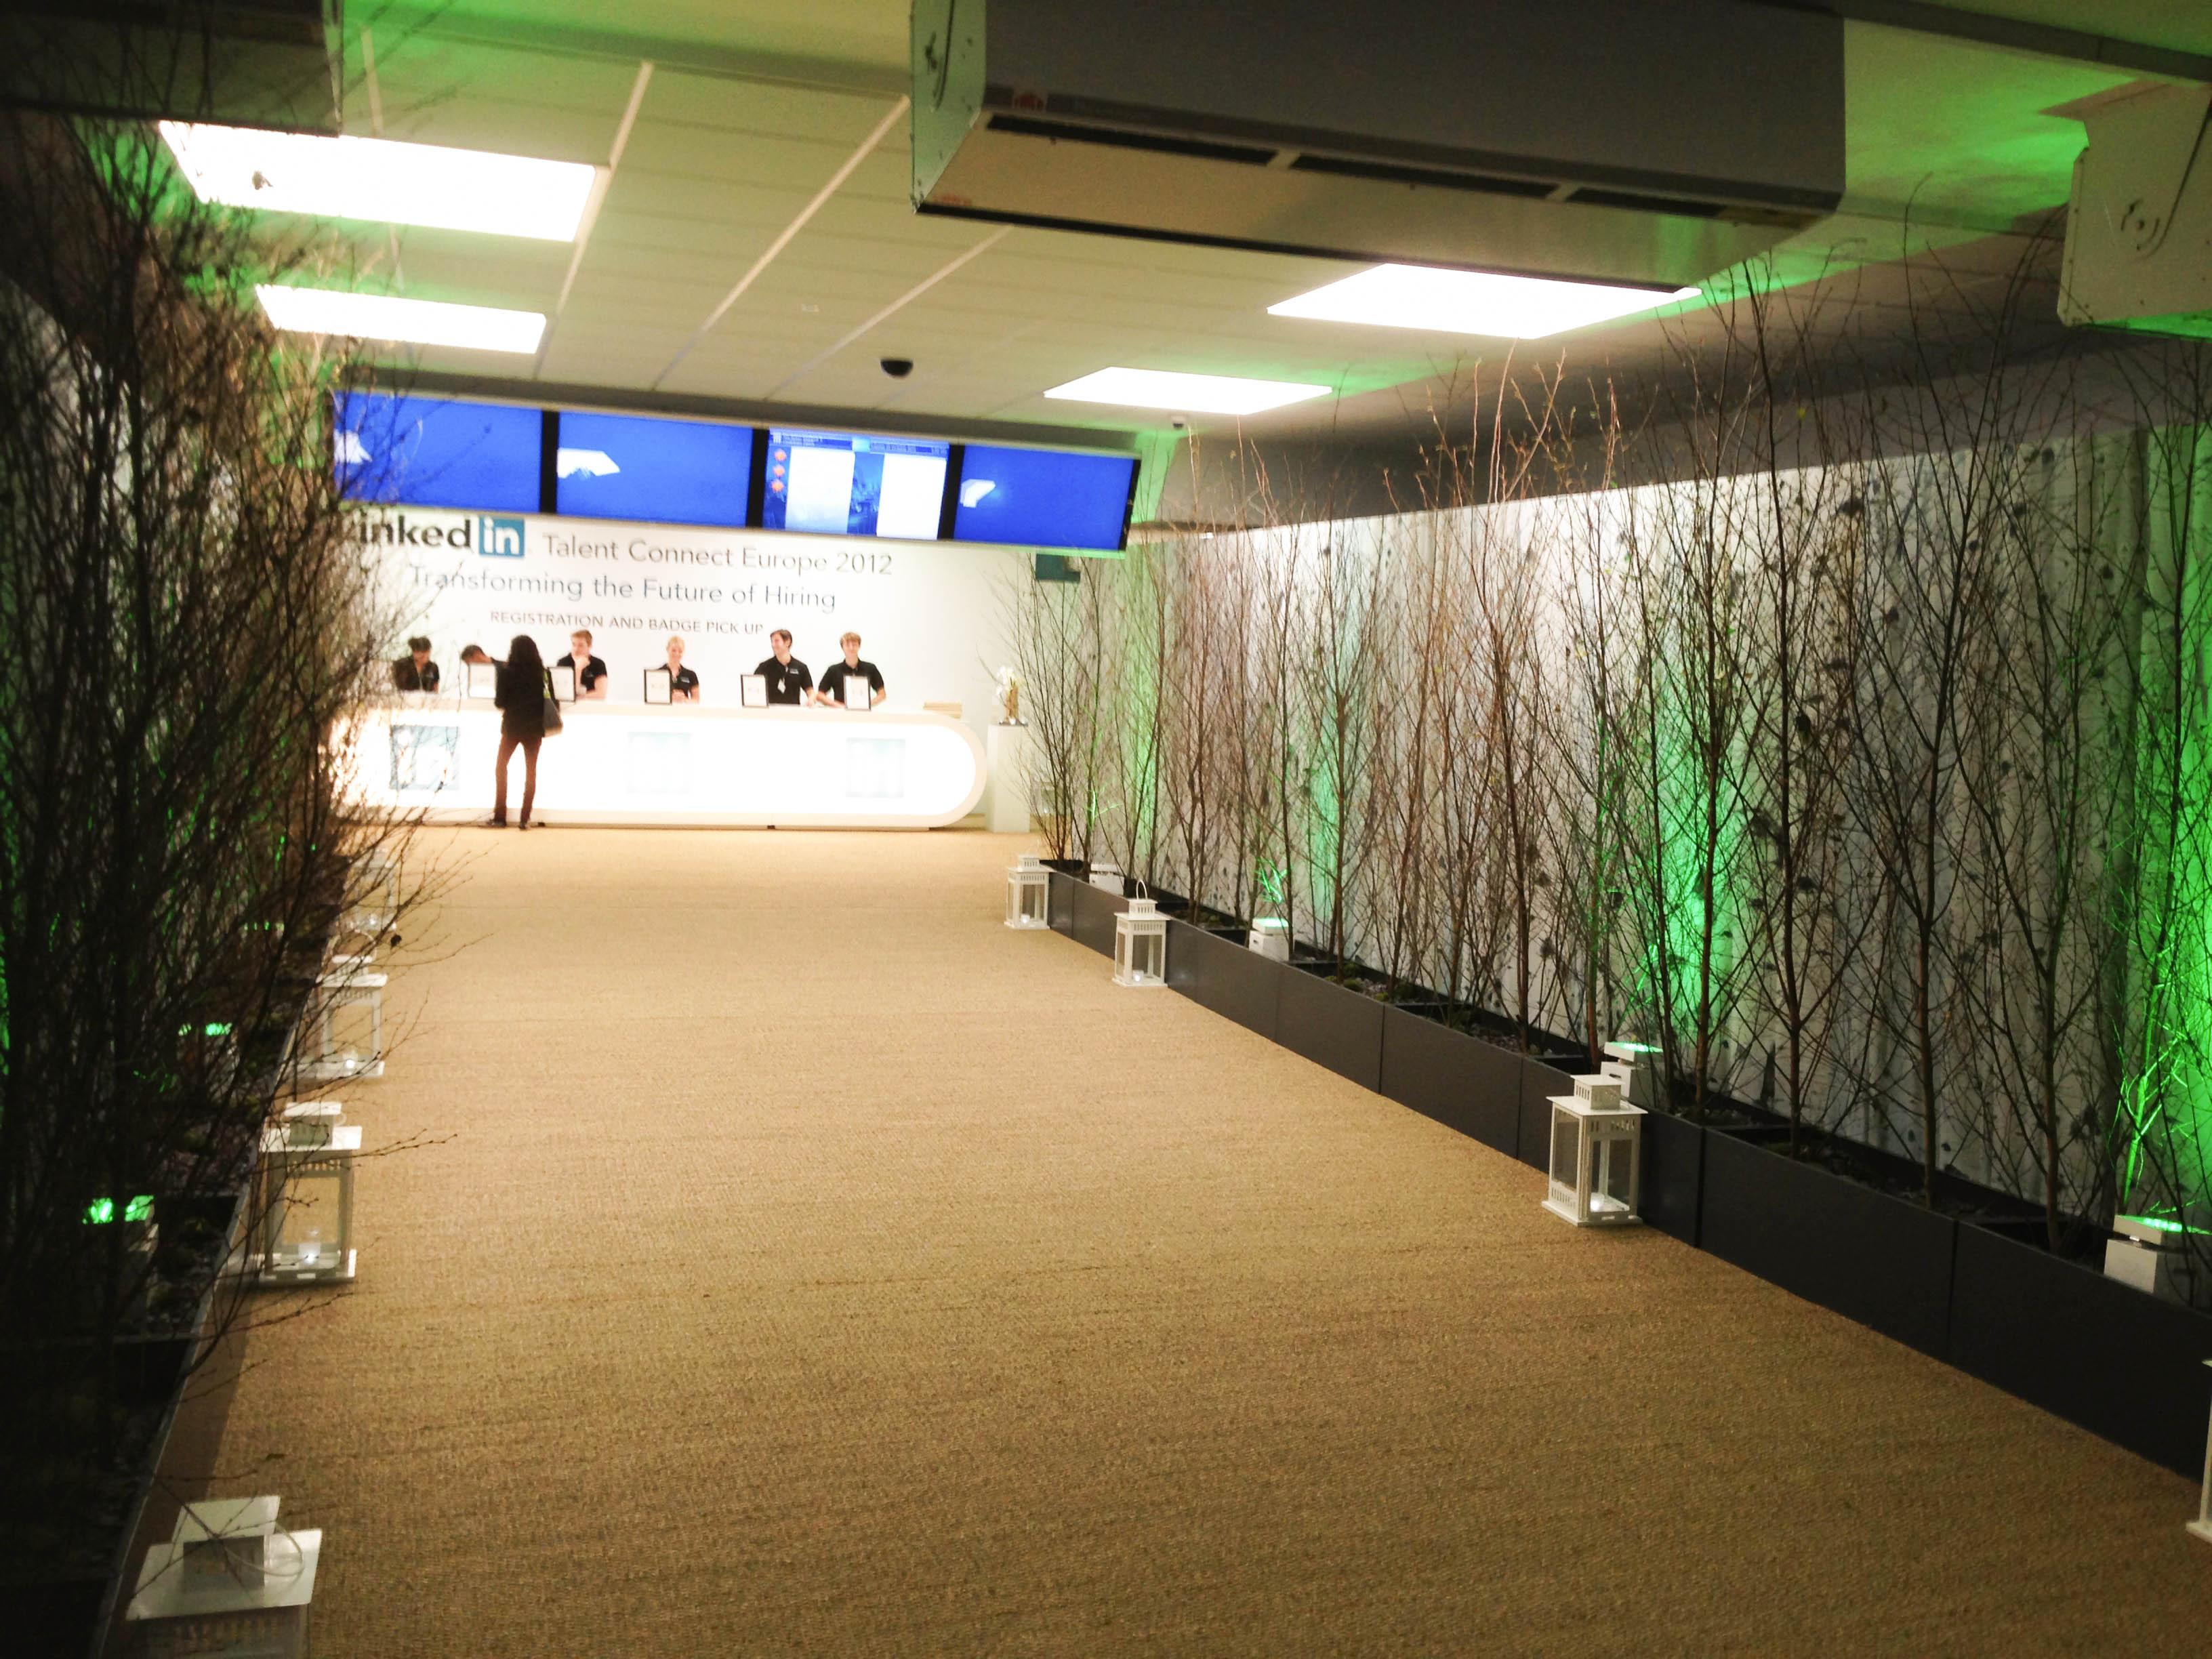 """""""Registration entrance at Linkedin Talent Connect Europe 2012"""""""